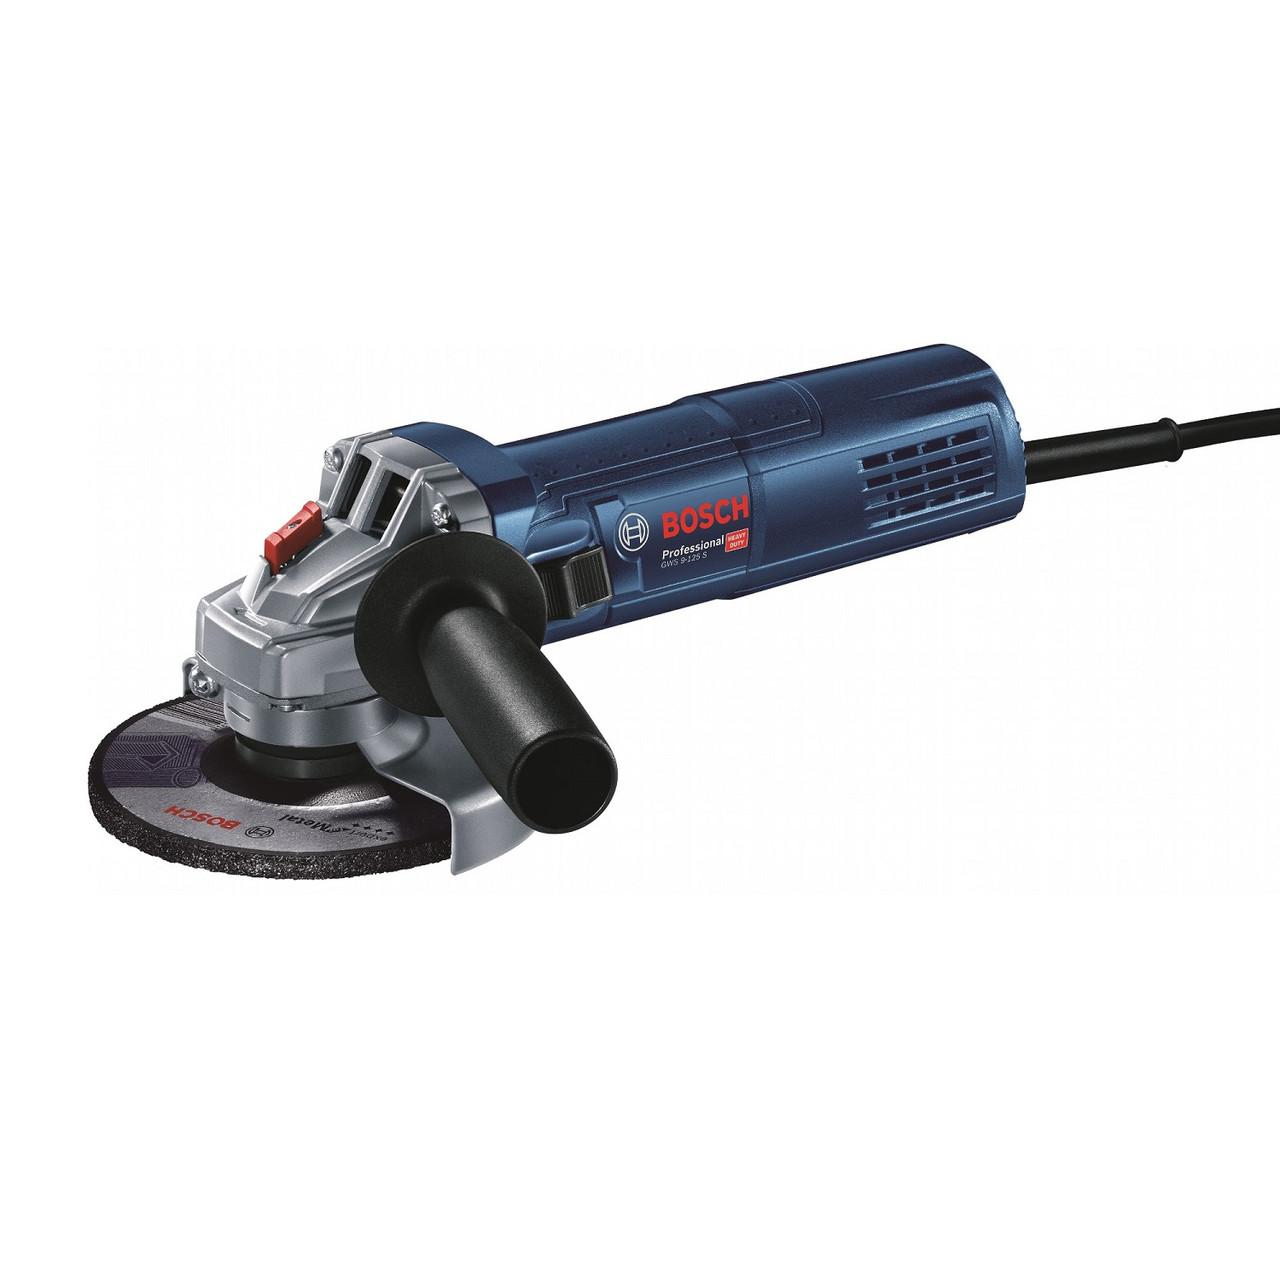 Углошлифовальная машина Bosch GWS 9-125 S